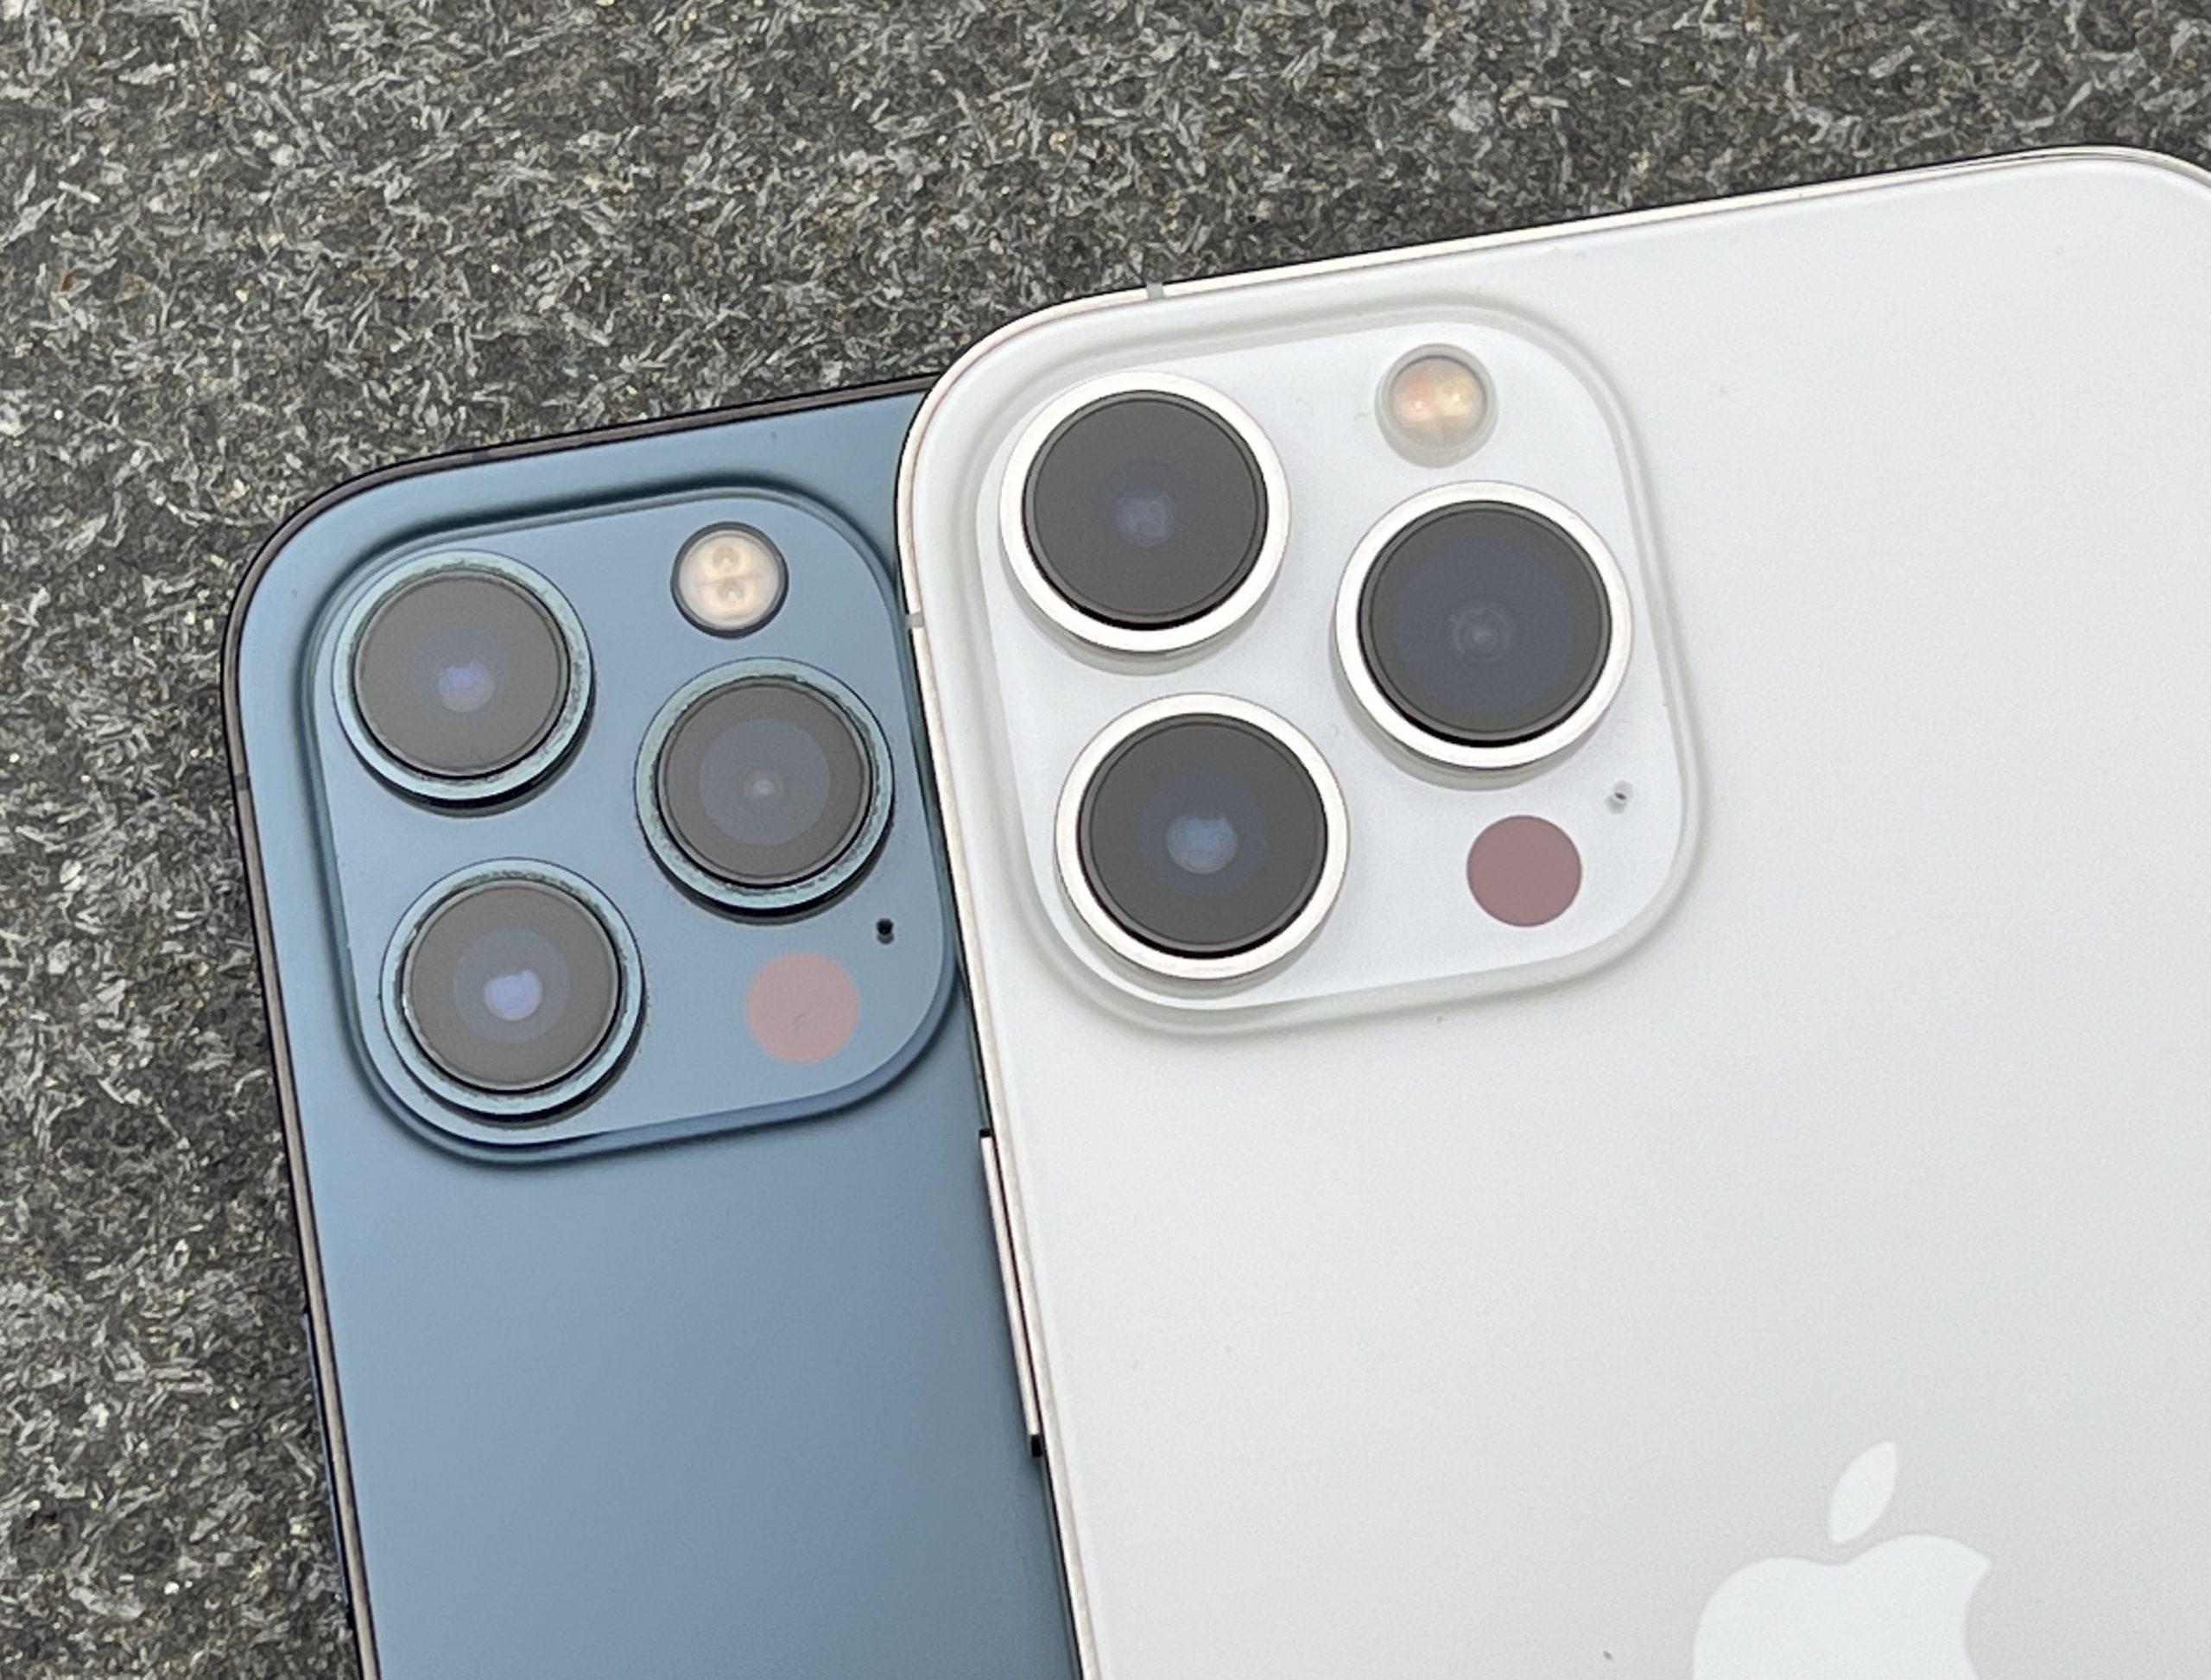 Kamerakohouma on kasvanut myös iPhone 12 Pro Maxia iPhone 13 Pro Maxiin vertailtaessa.